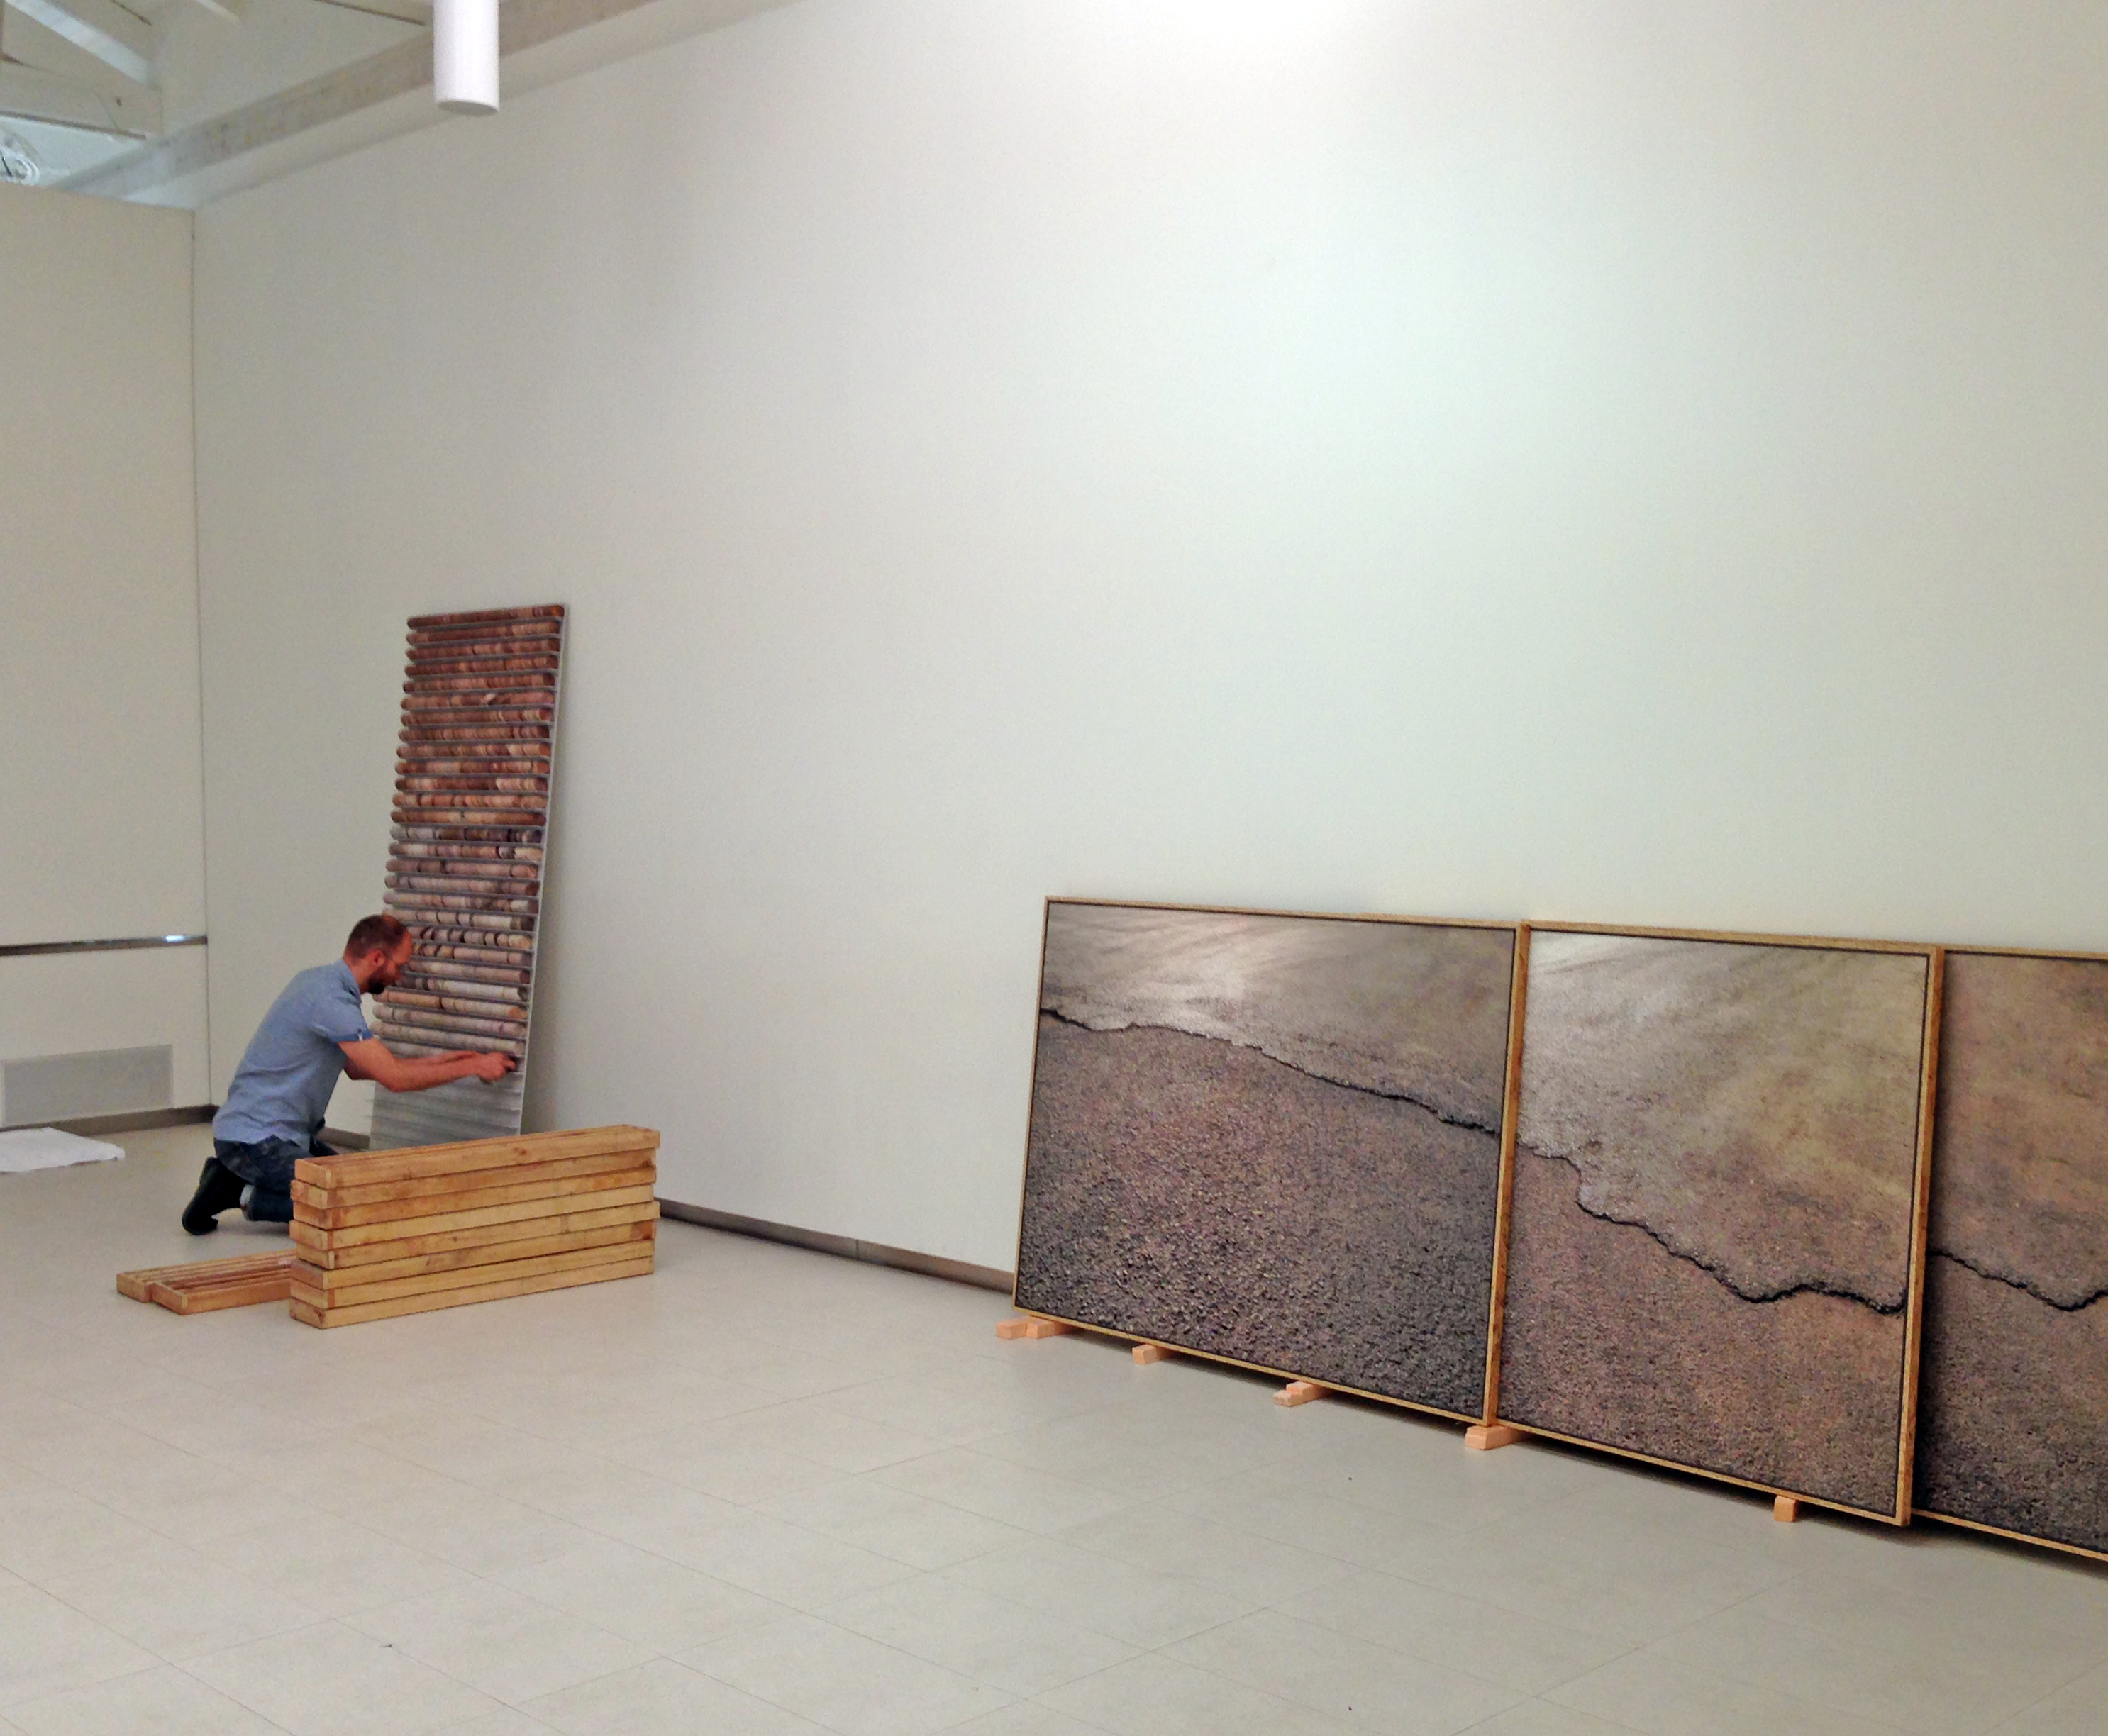 Montaje de la exposición UNCUT de Carlos Irijalba _ Fundación Cerezales